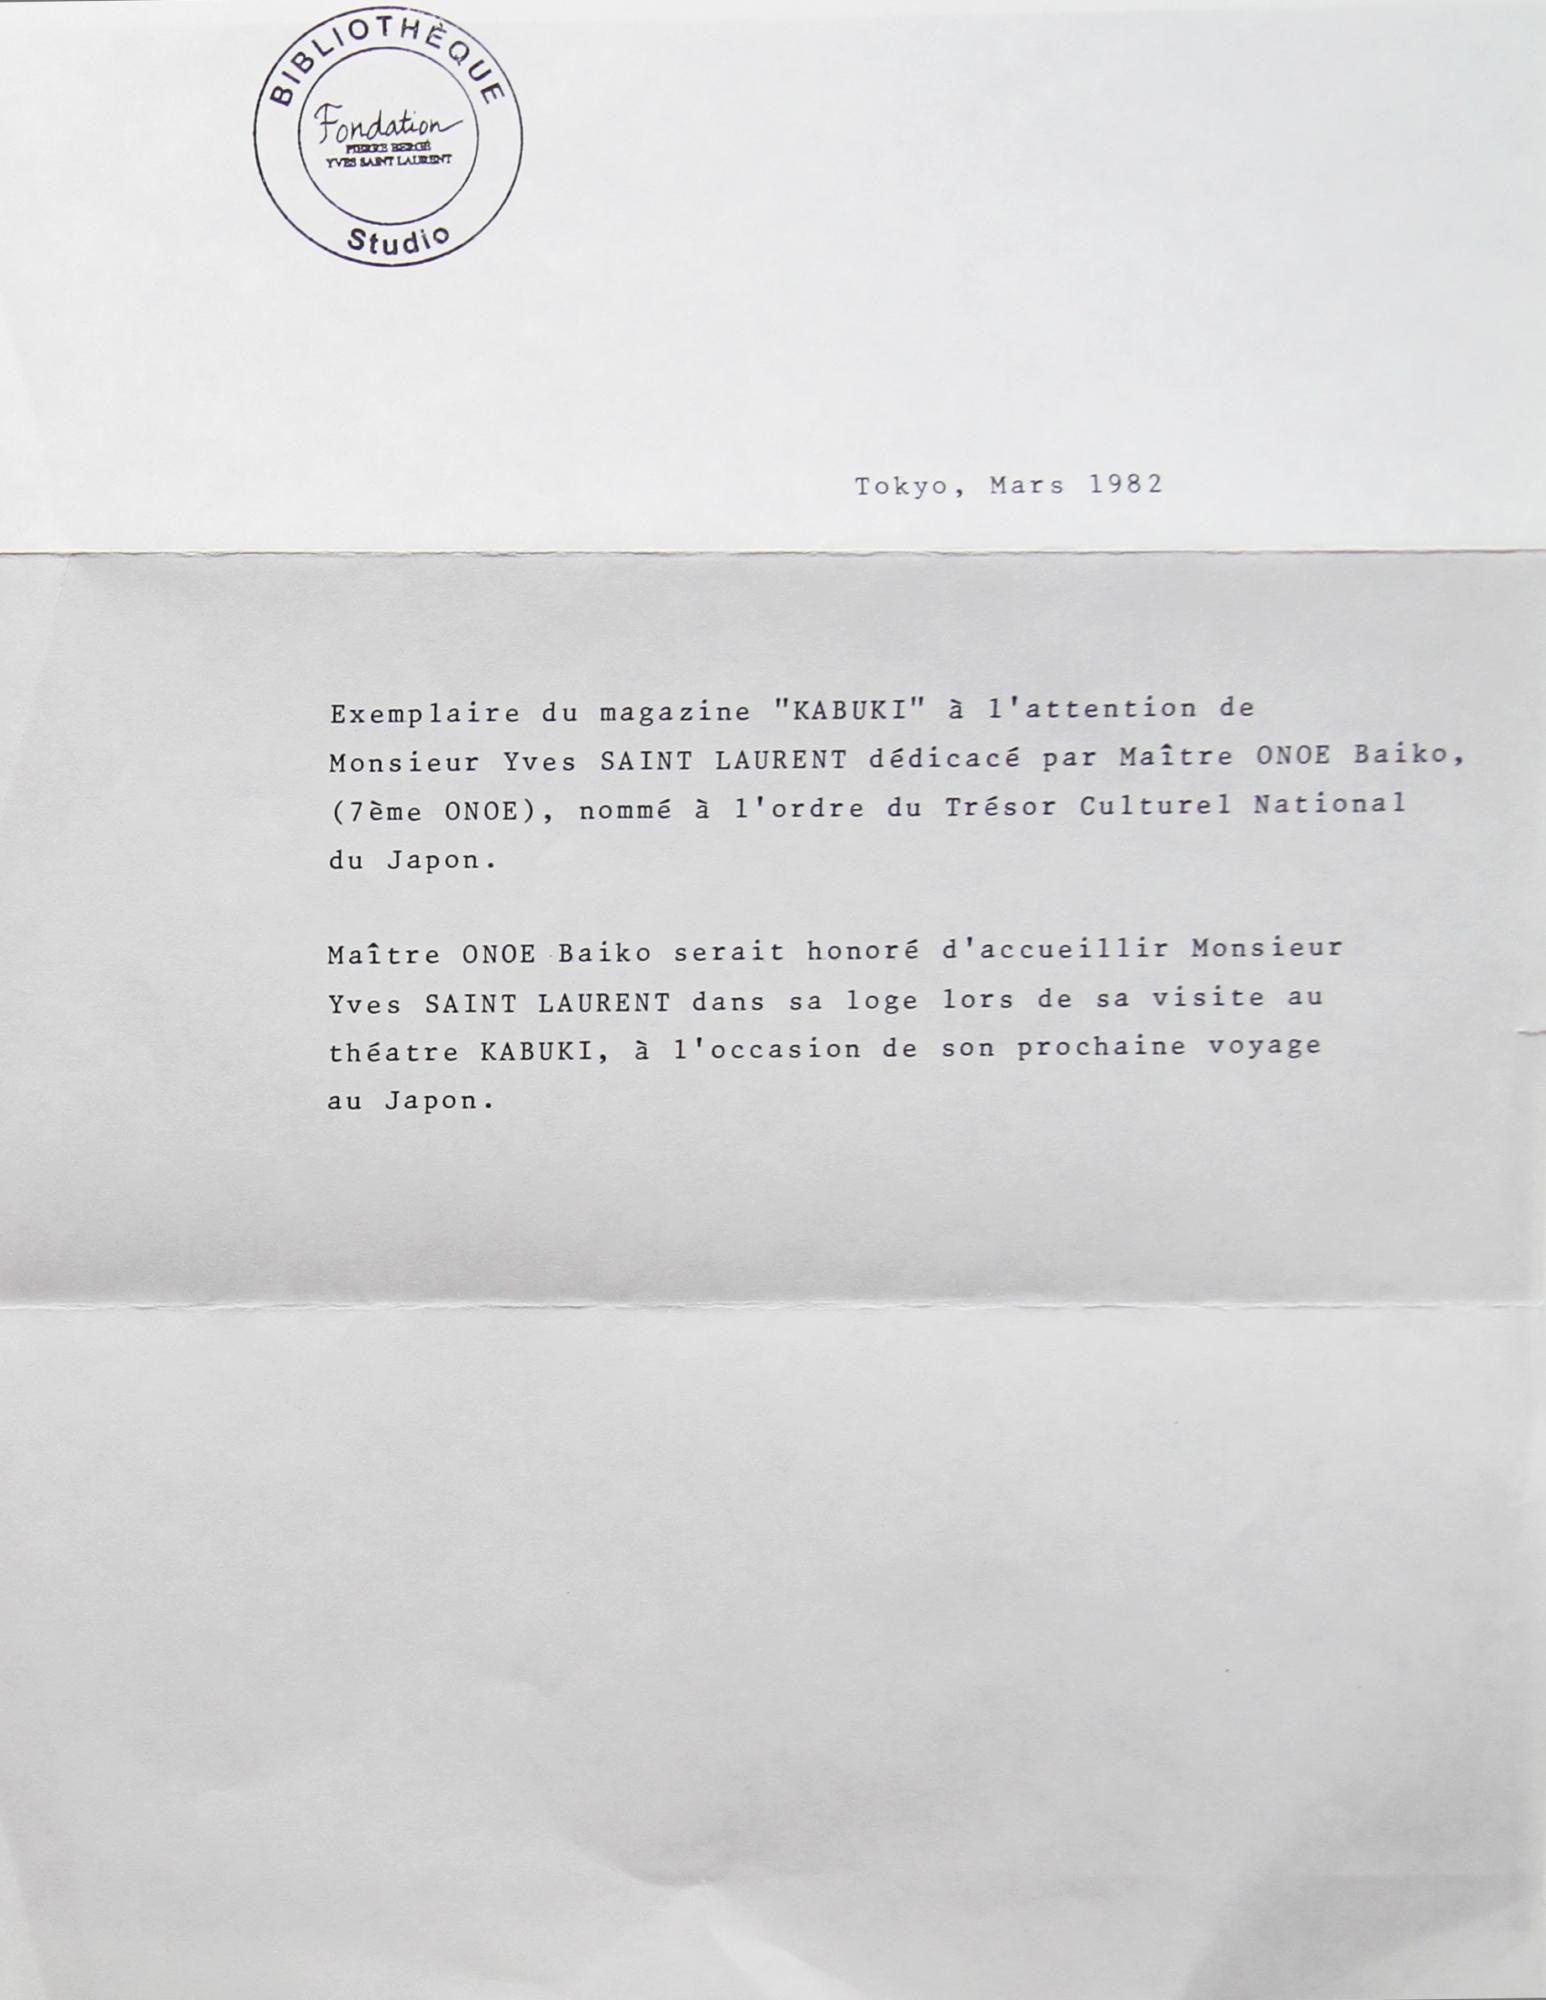 Lettre De Maitre Onoe Baiko Envoyee A Yves Saint Laurent Qui Se Trouvait Dans Le Magazine Kabuki Mars 1982